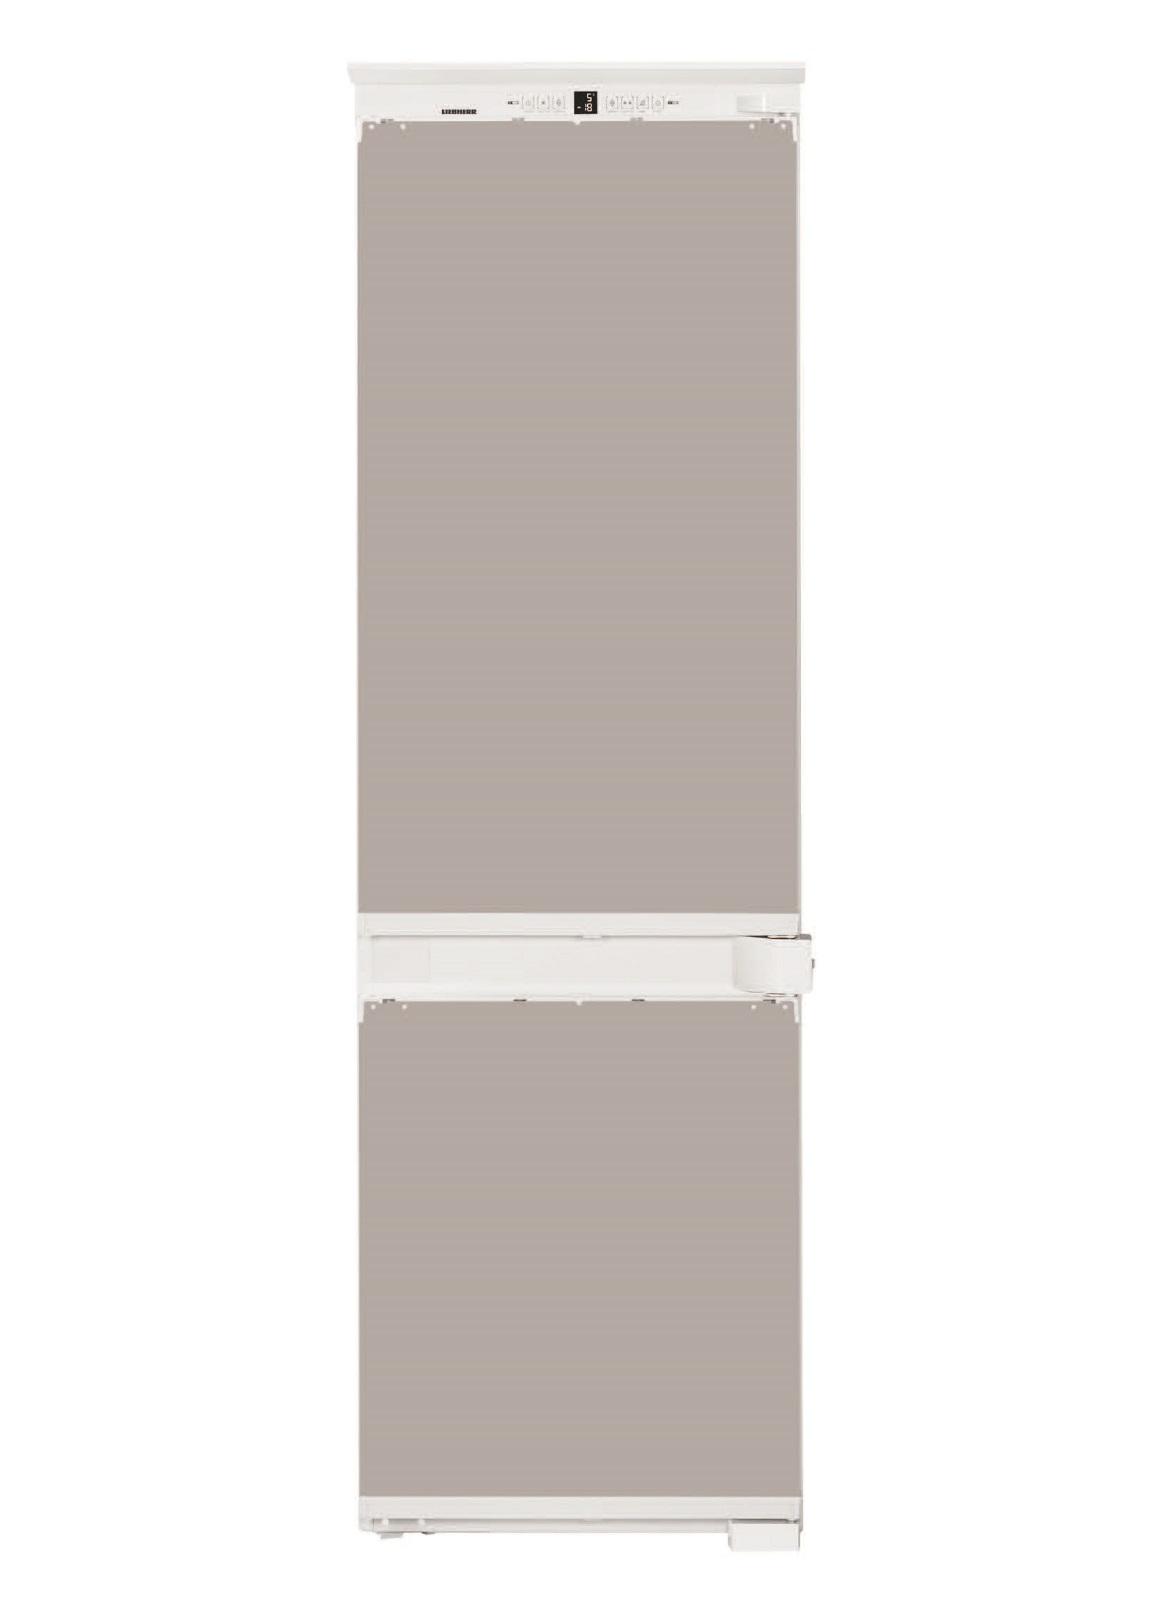 купить Встраиваемый двухкамерный холодильник Liebherr ICBS 3324 Украина фото 2